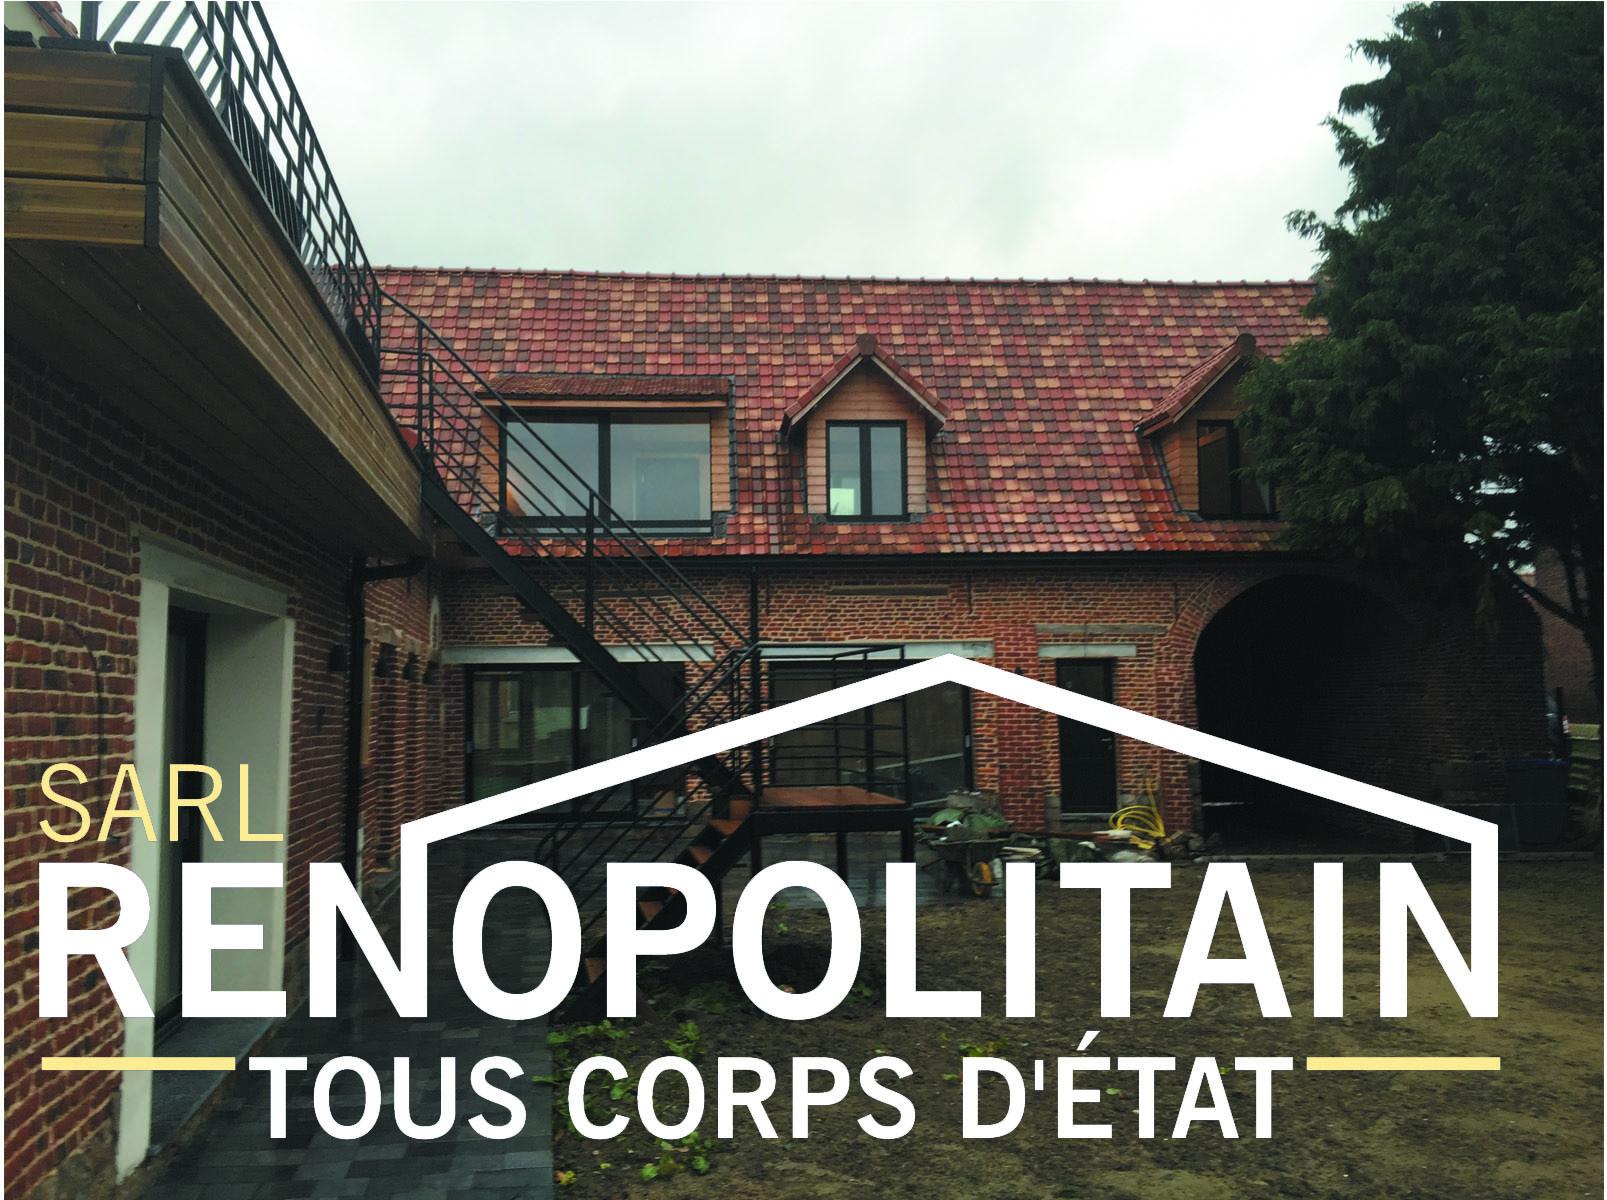 Home-renopolitain-1607-1200-Après